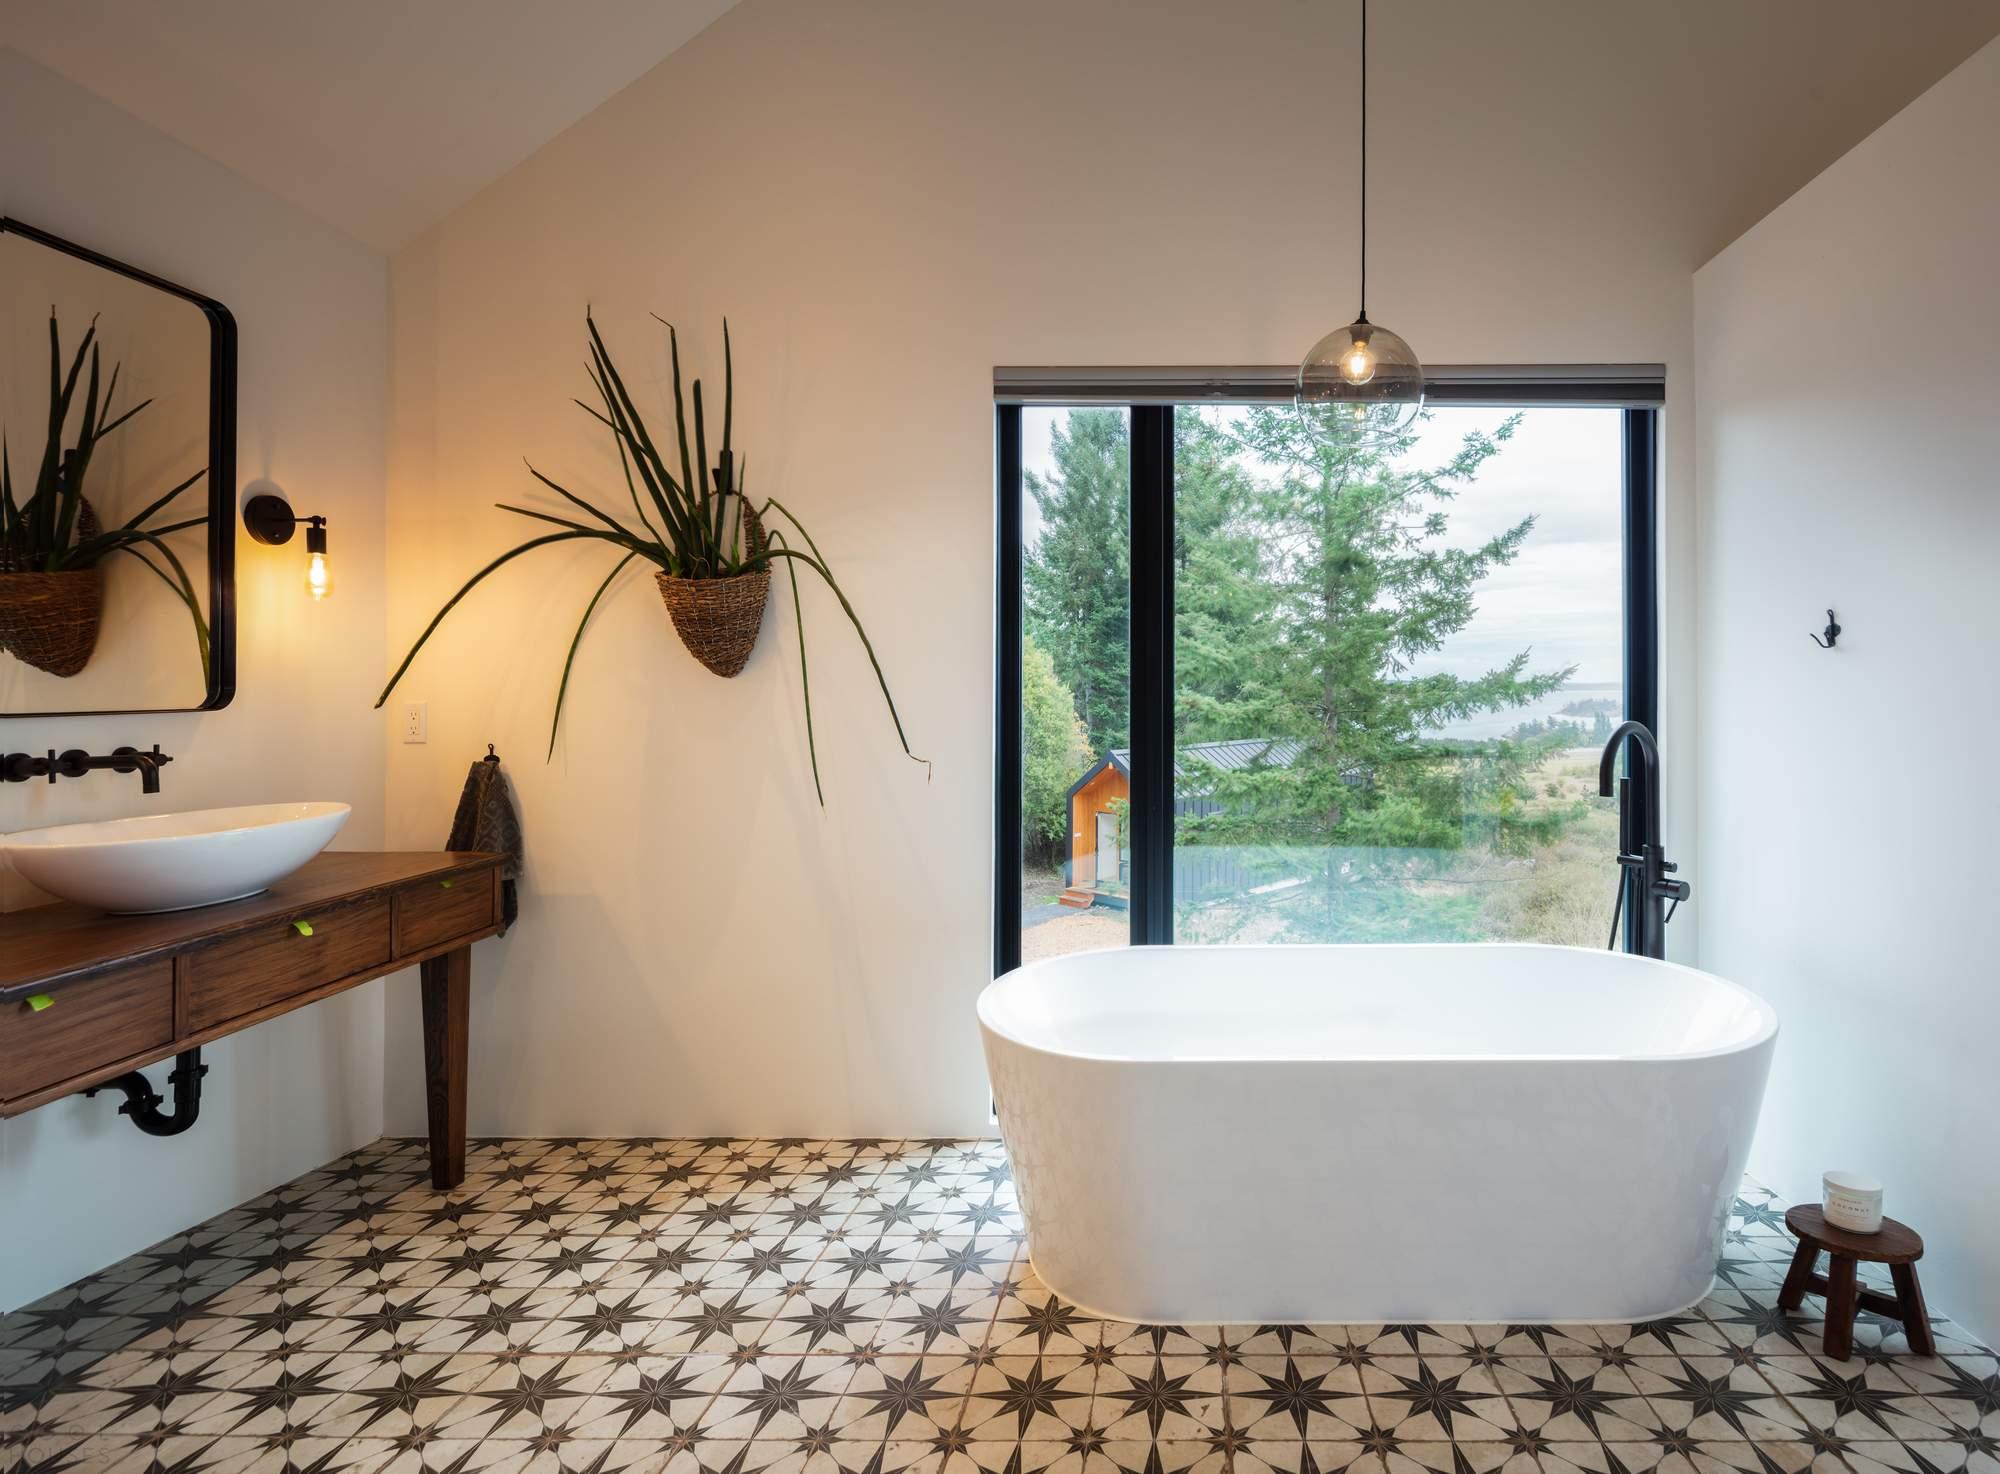 Бутик-отель с изысканным минимализмом в скандинавском стиле, США